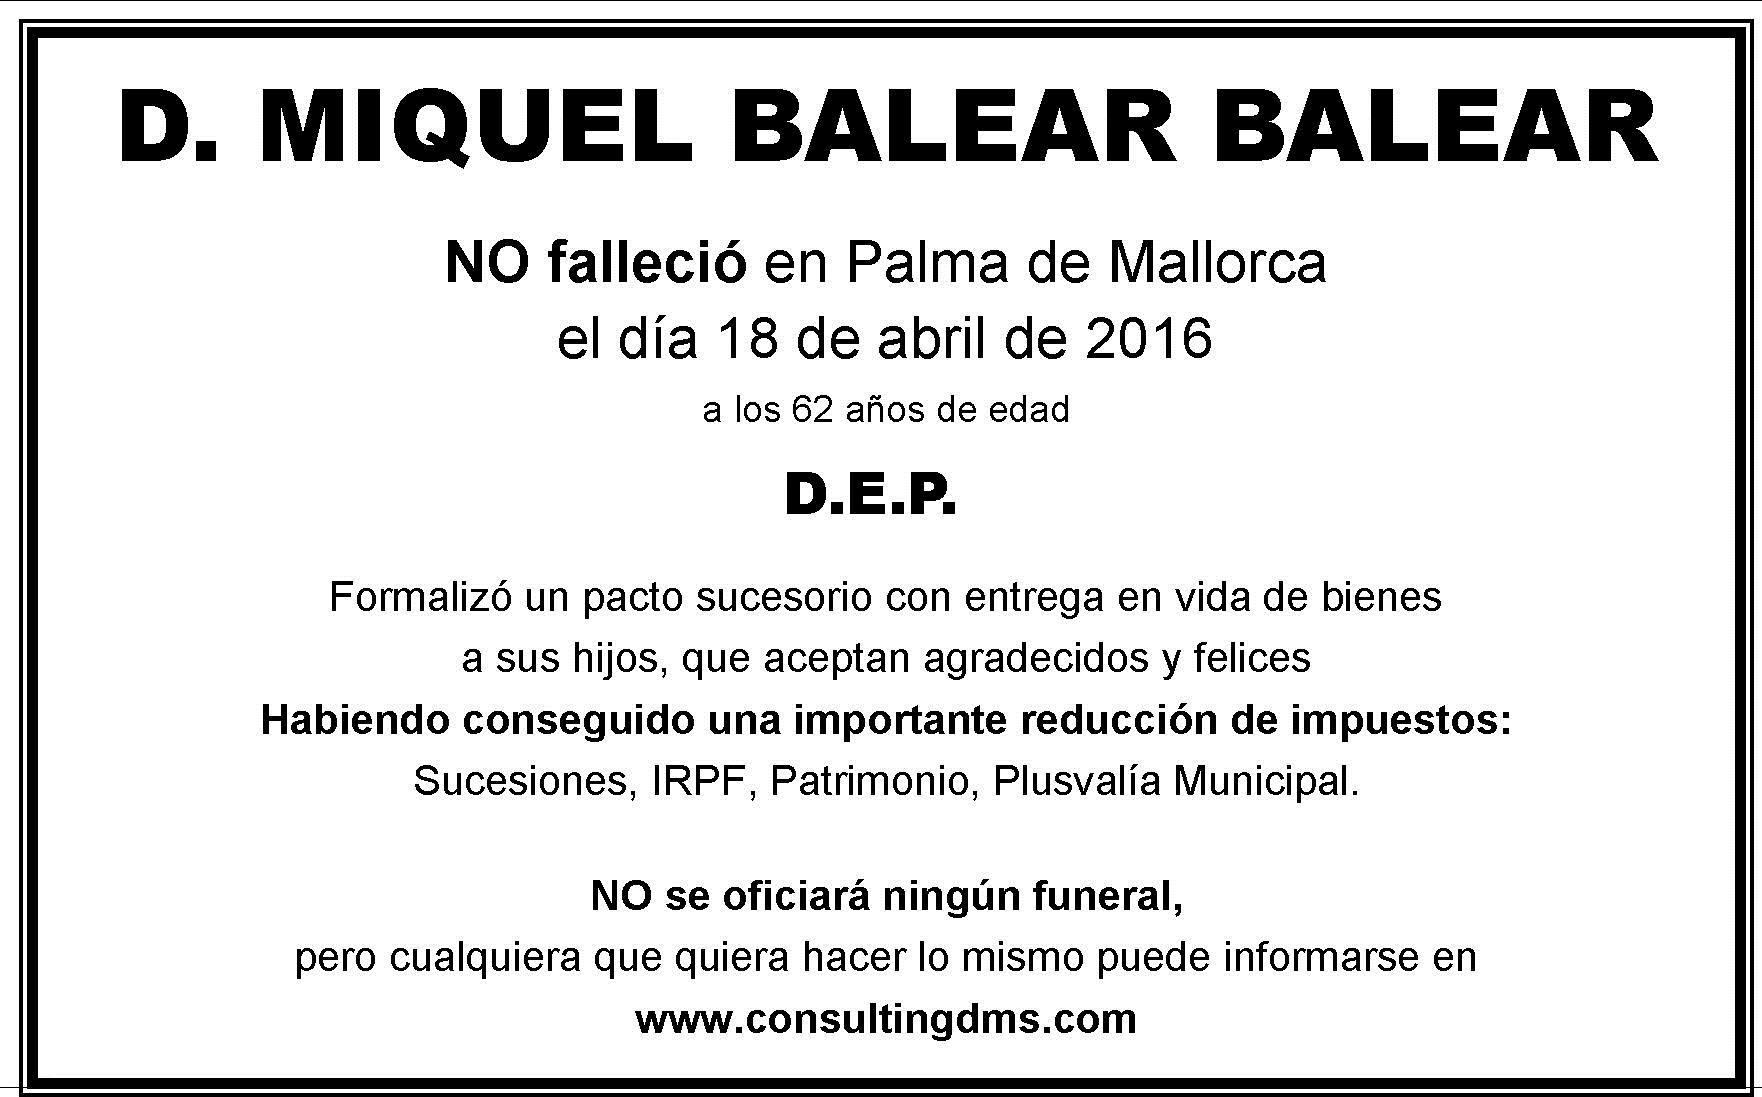 """VENTAJAS FISCALES DE LOS PACTOS SUCESORIOS (""""EUTANASIA FISCAL"""") – Criterios en BALEARES"""